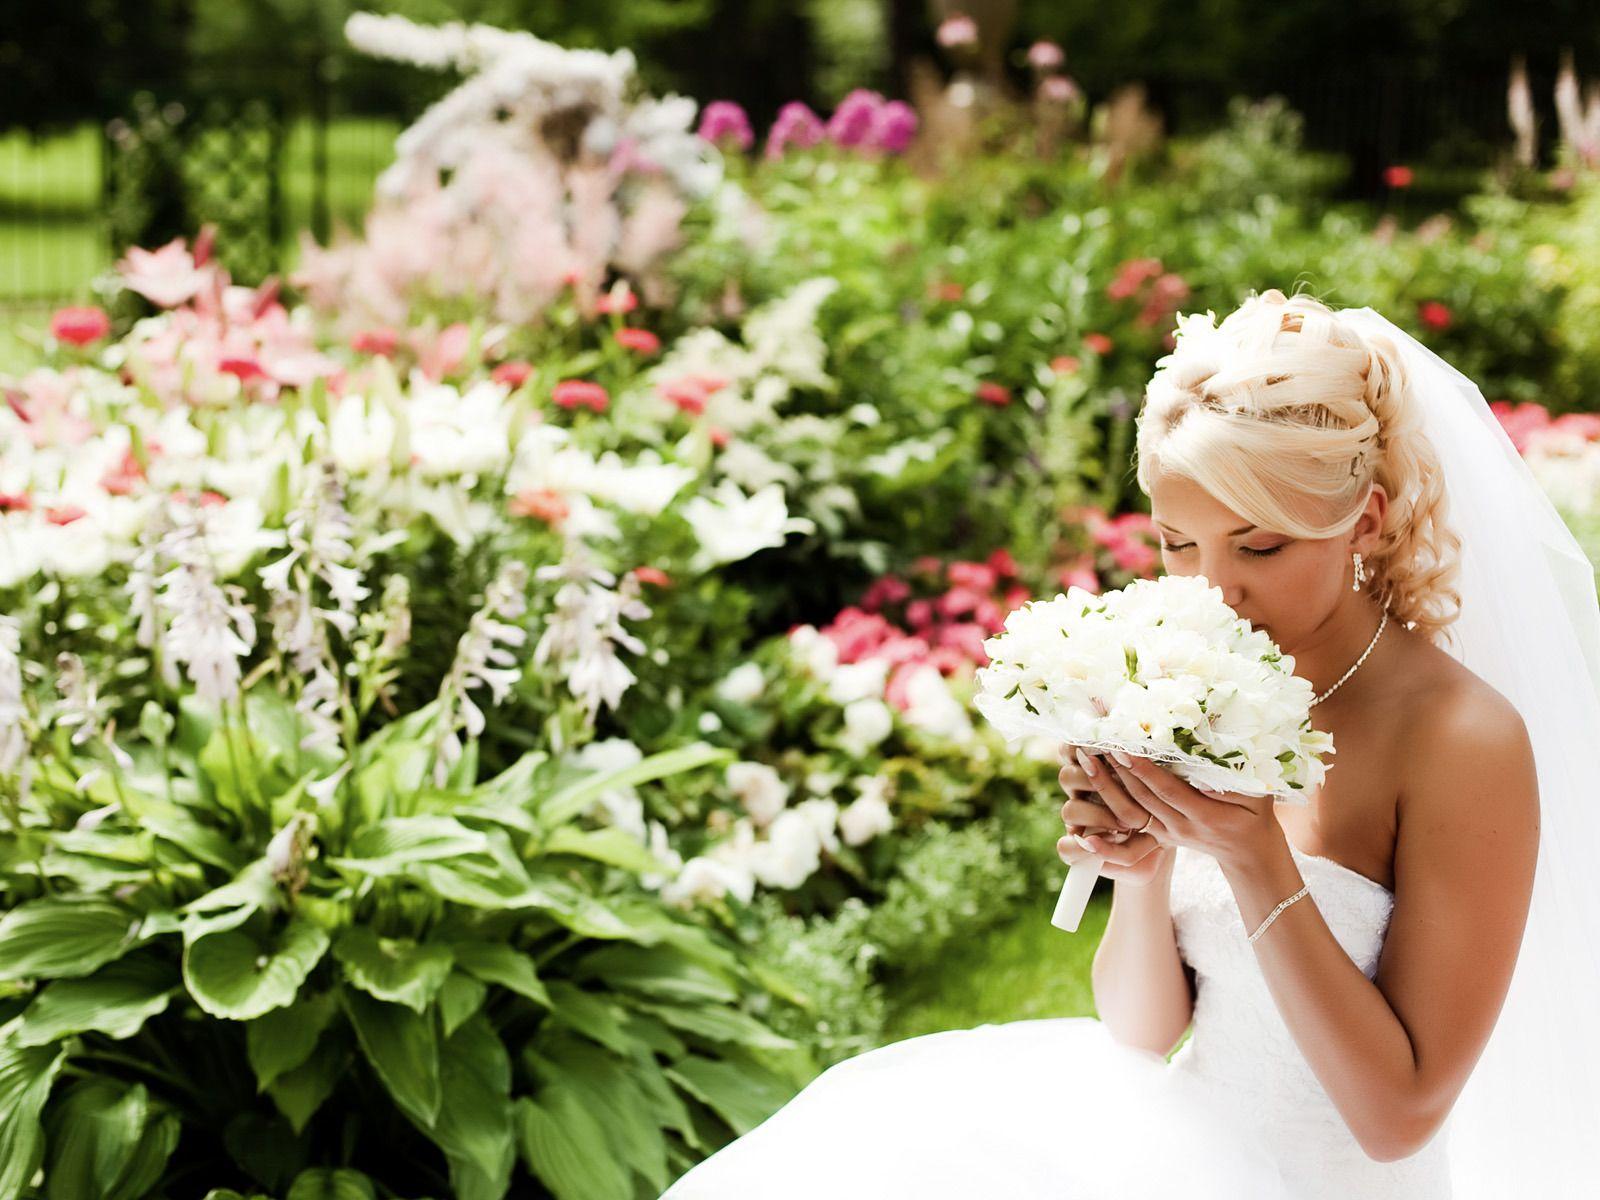 свадьба, девушка, невеста